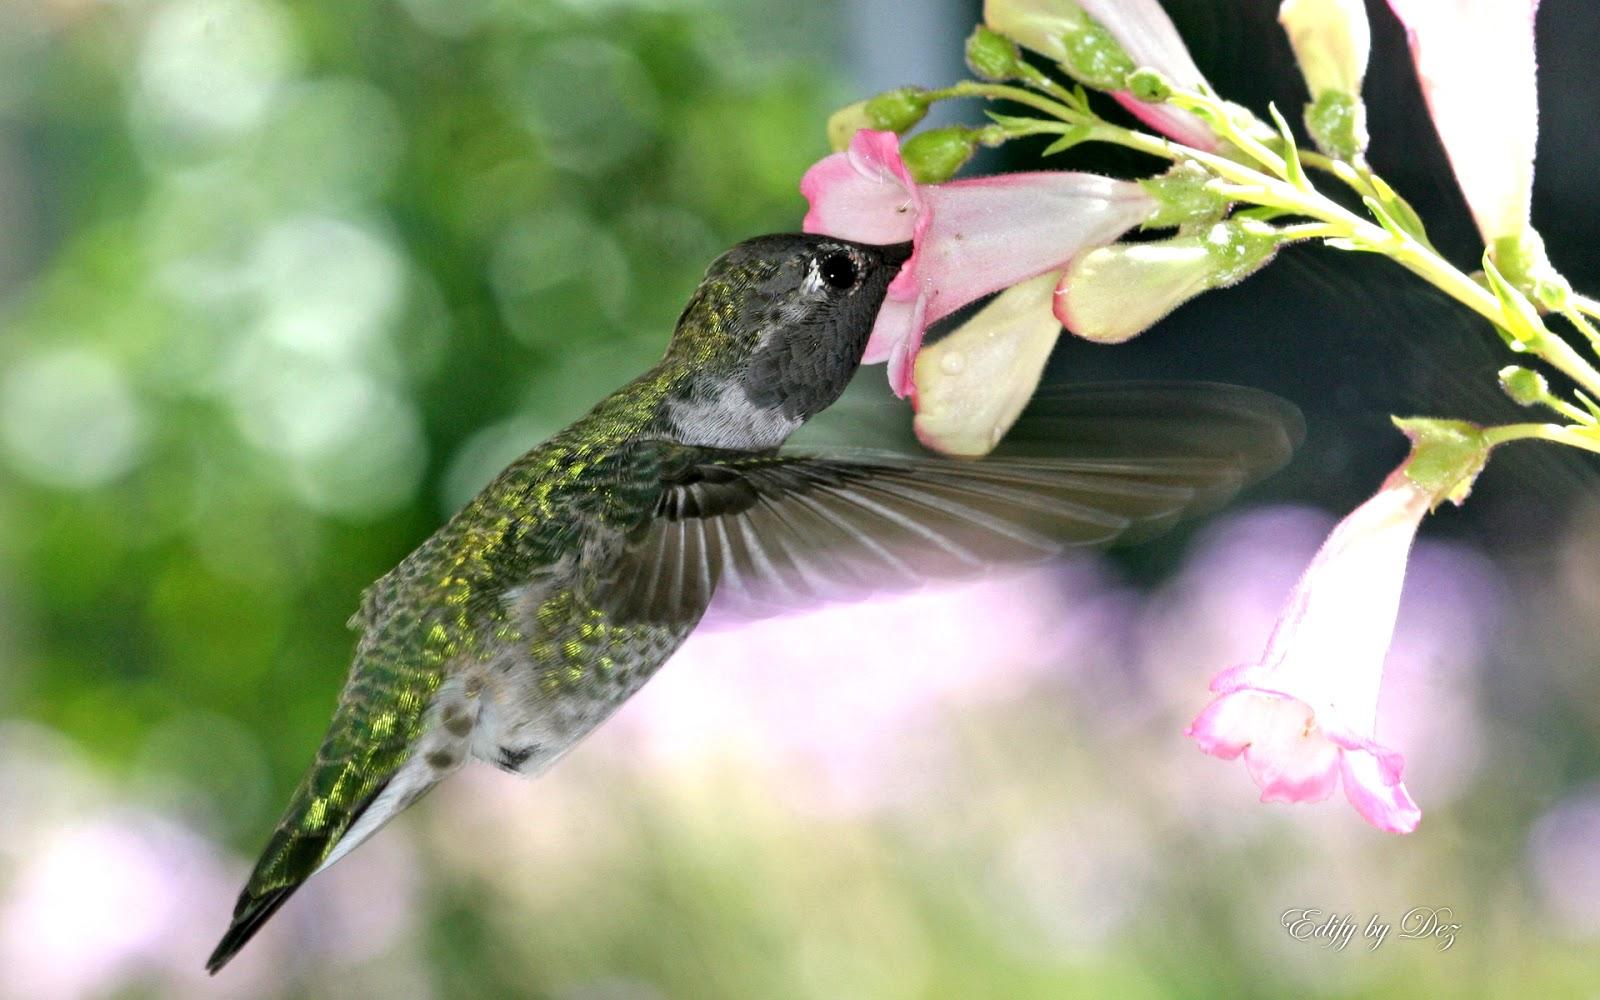 http://4.bp.blogspot.com/-0oFepyg0Dgs/UI0eIv4B6-I/AAAAAAAAAEQ/y7iVyExNh0c/s1600/hungry_hummingbird-wallpaper-desktop.jpg